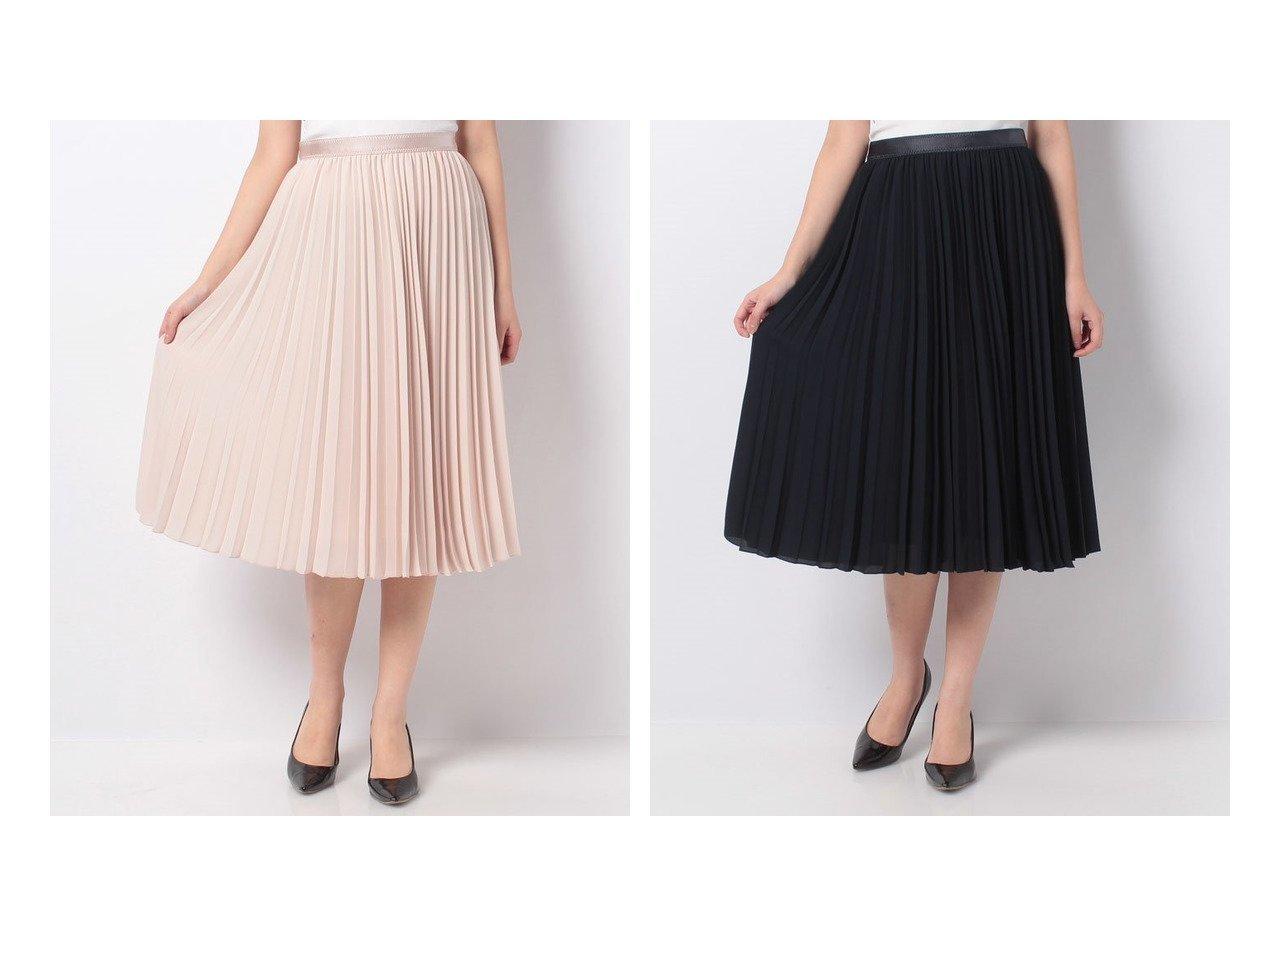 【ANAYI/アナイ】のバックサテンアムンゼンプリーツスカート スカートのおすすめ!人気、レディースファッションの通販 おすすめで人気のファッション通販商品 インテリア・家具・キッズファッション・メンズファッション・レディースファッション・服の通販 founy(ファニー) https://founy.com/ ファッション Fashion レディース WOMEN スカート Skirt プリーツスカート Pleated Skirts エアリー オケージョン サテン ジャケット ツイード プリーツ  ID:crp329100000003164